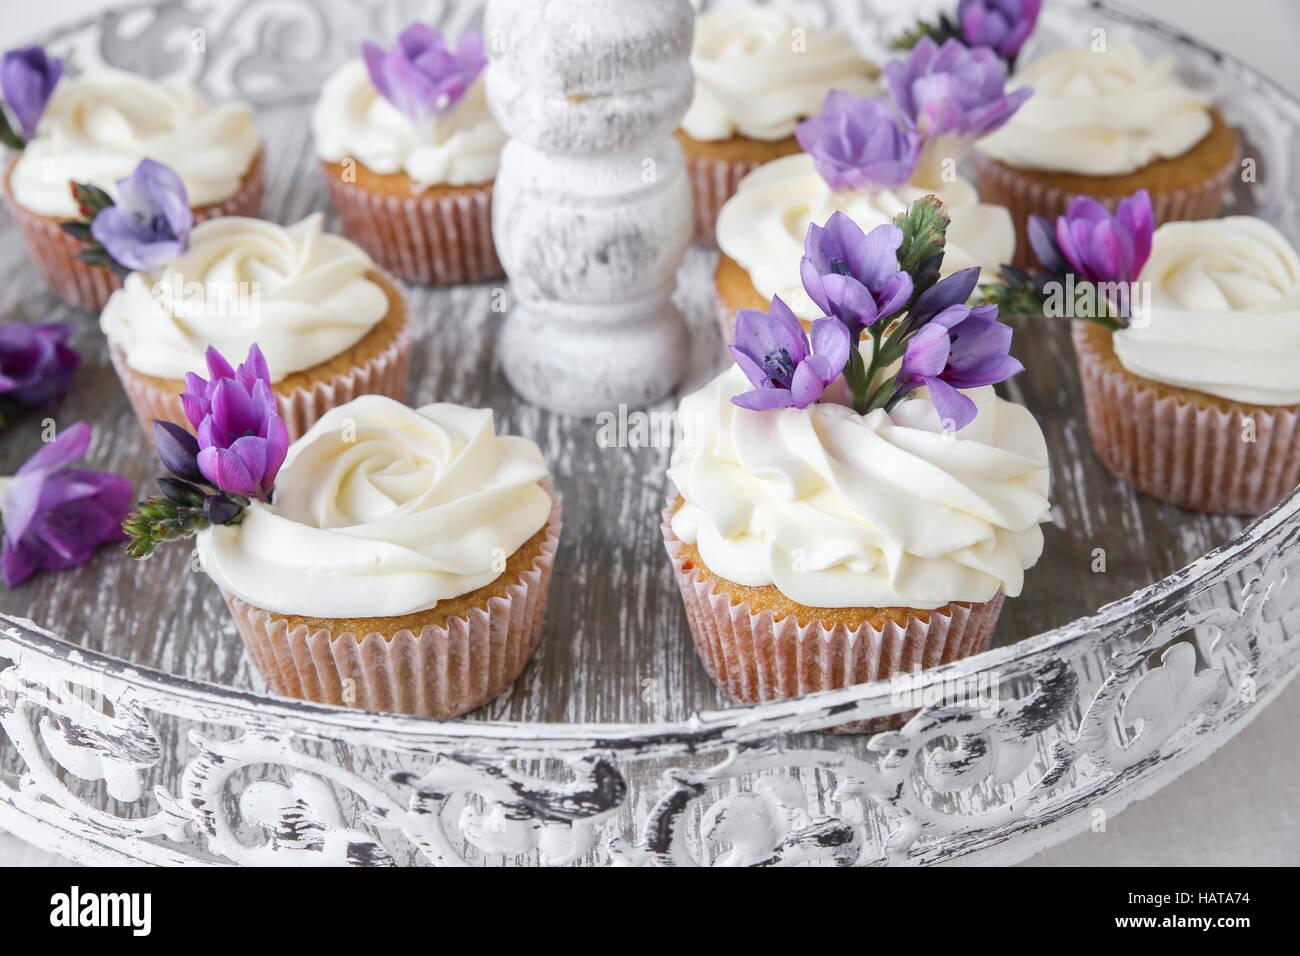 cupcakes mit lila essbare blumen auf vintage kuchen stehen f r tee party stockfoto bild. Black Bedroom Furniture Sets. Home Design Ideas